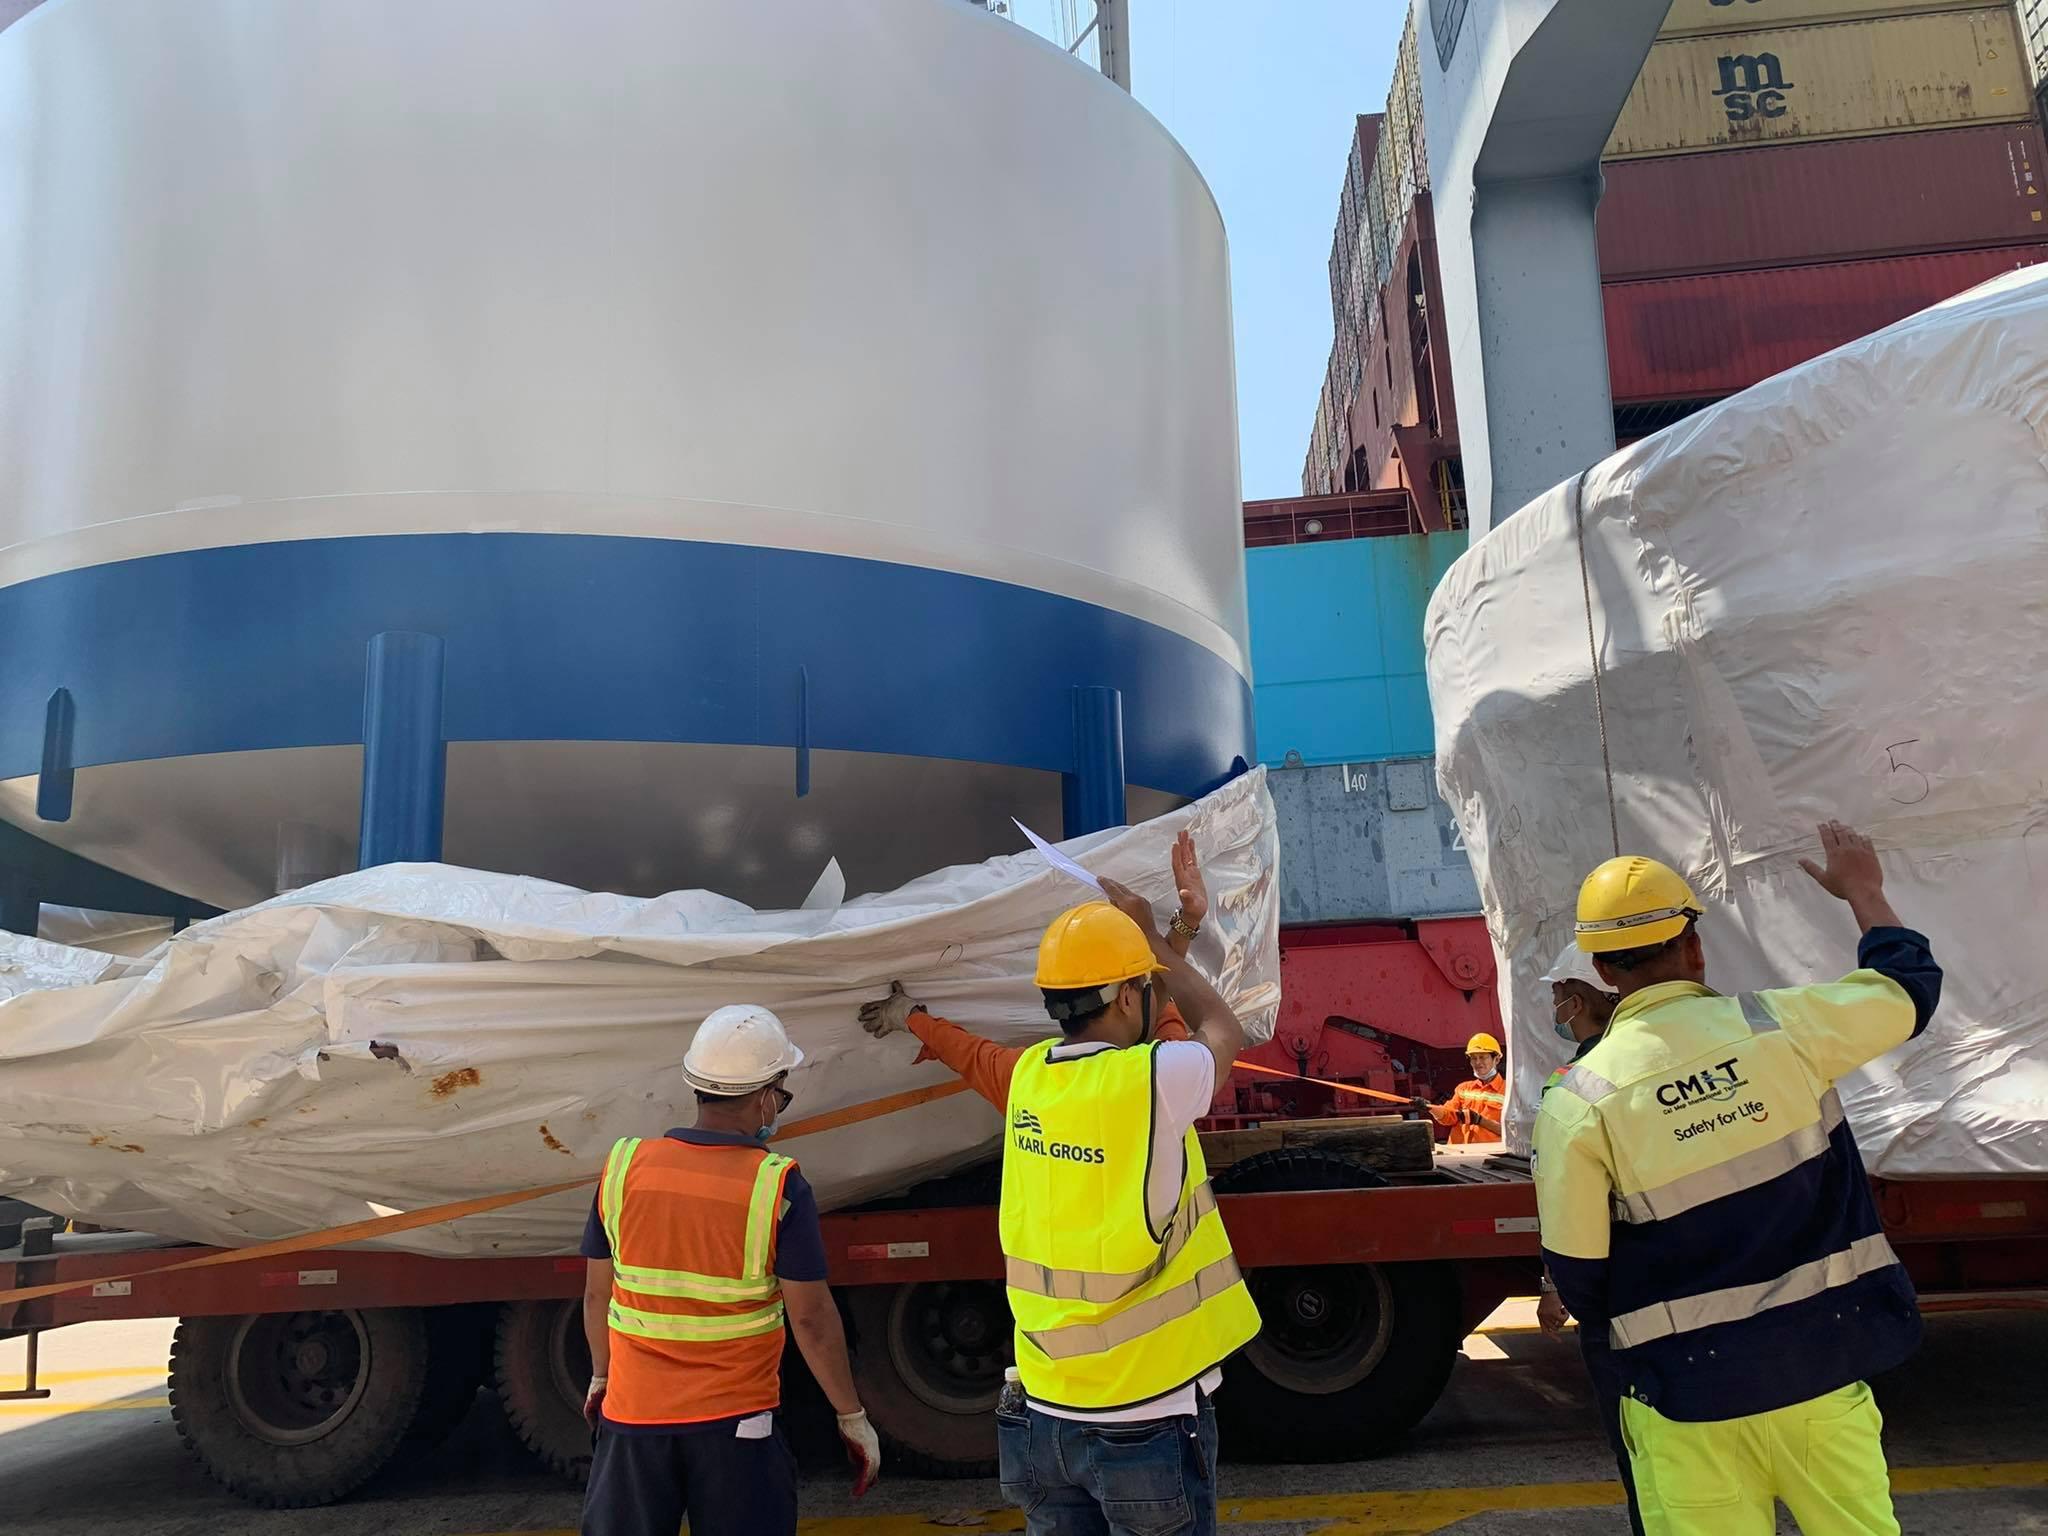 Một kiện hàng được nhập về cảng CMIT, thuộc cụm cảng Cái Mép - Thị Vải vào tháng 3. Ảnh: Karl Gross.